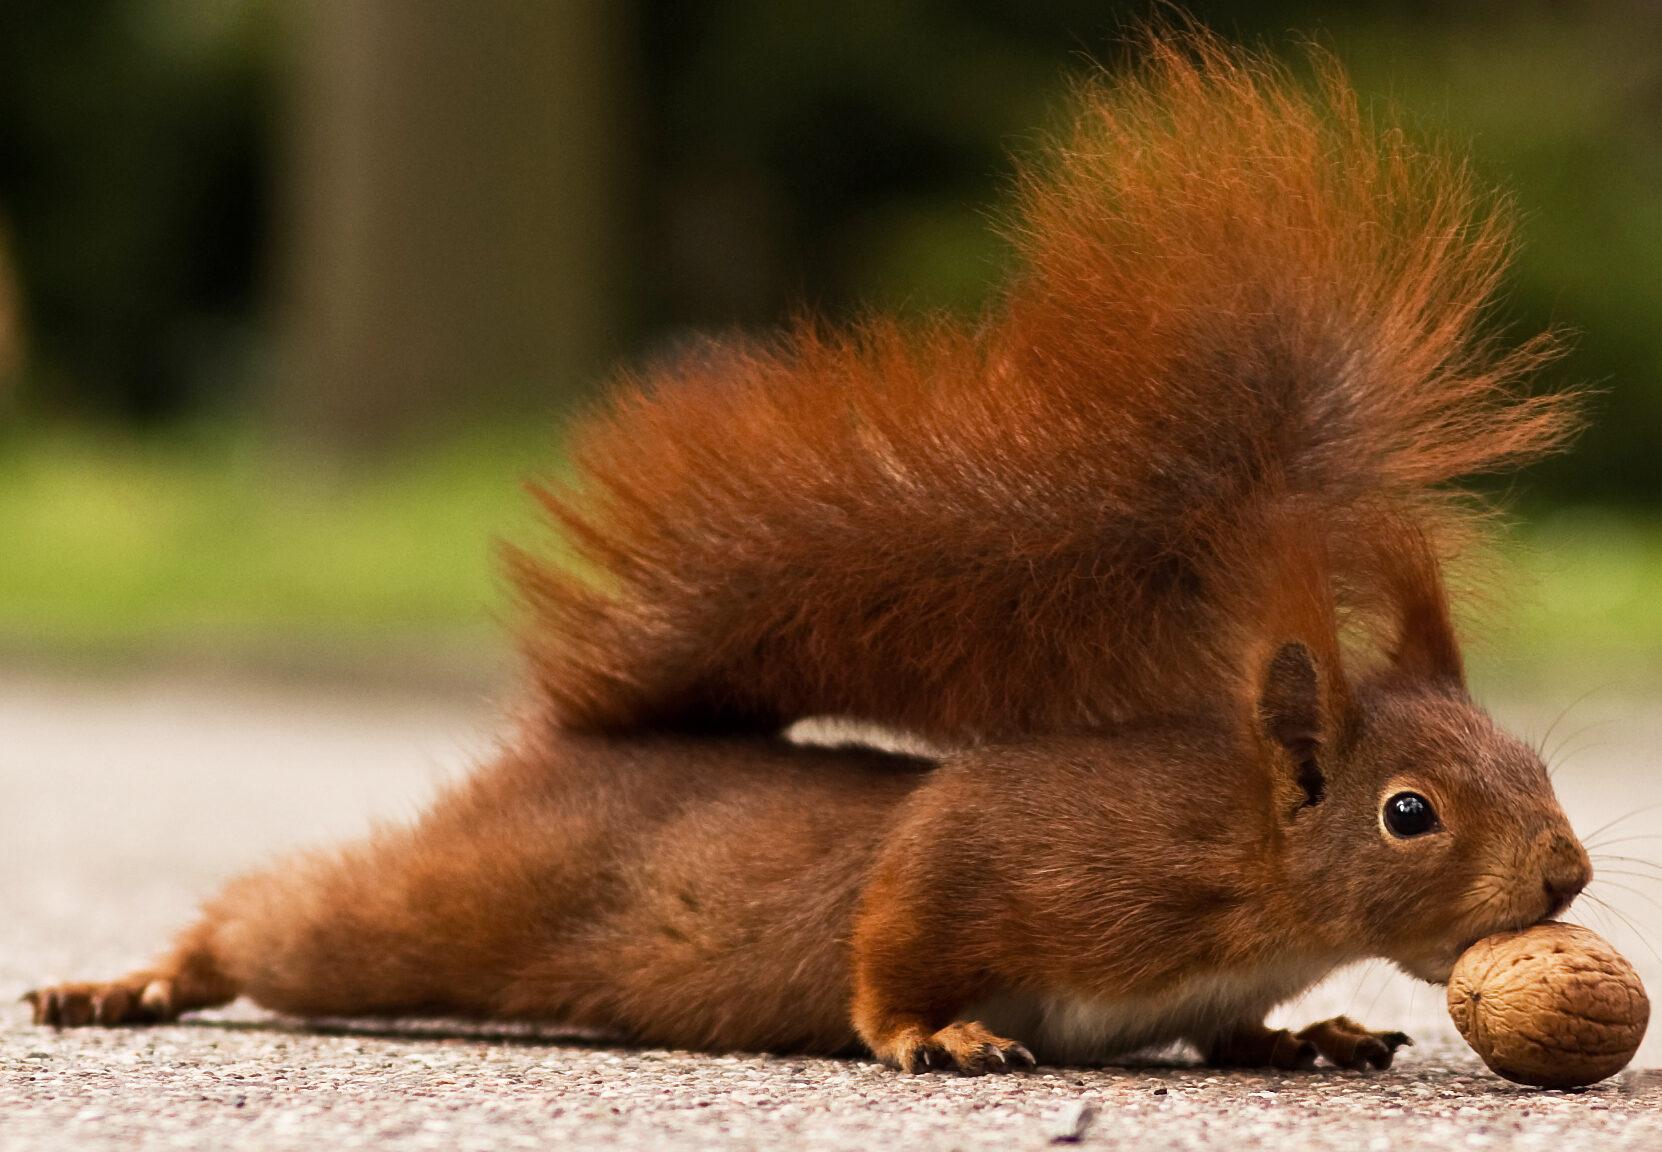 Eichhörnchen mit Baumnuss im Mund.